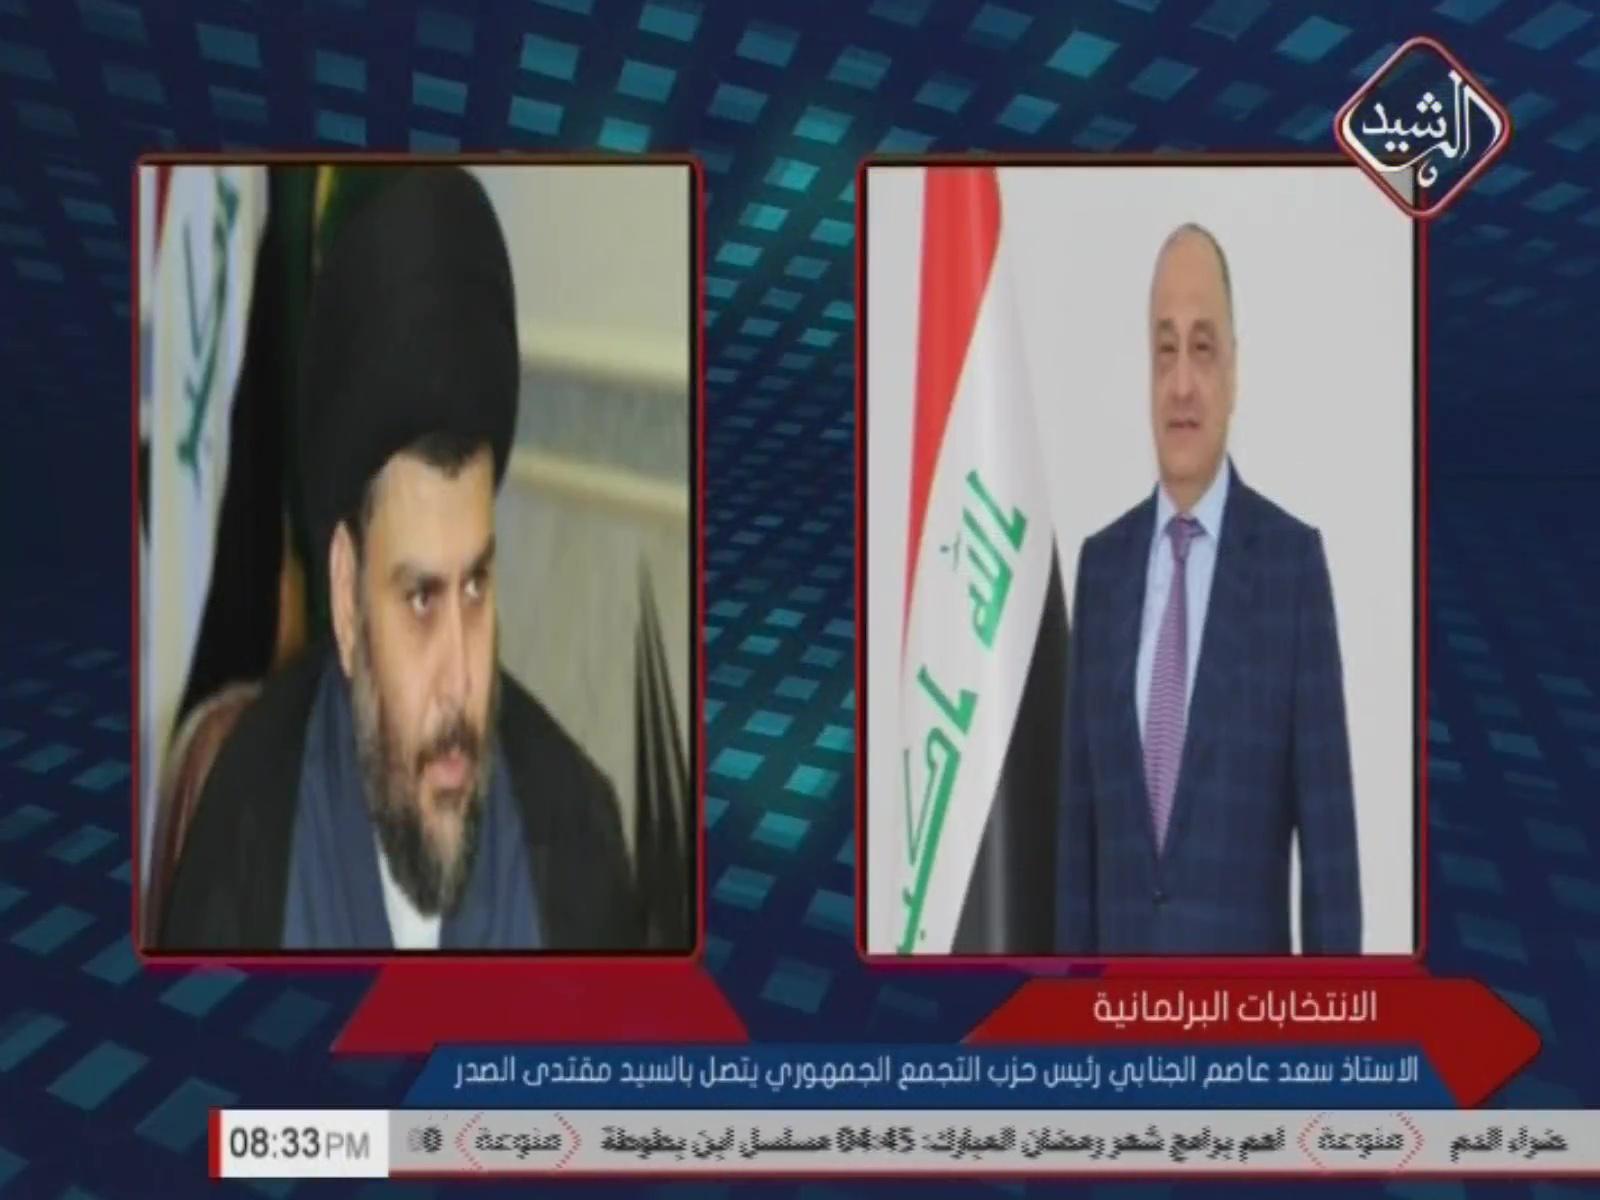 الاستاذ سعد عاصم الجنابي رئيس حزب التجمع الجمهوري يتصل بالسيد مقتدى الصدر